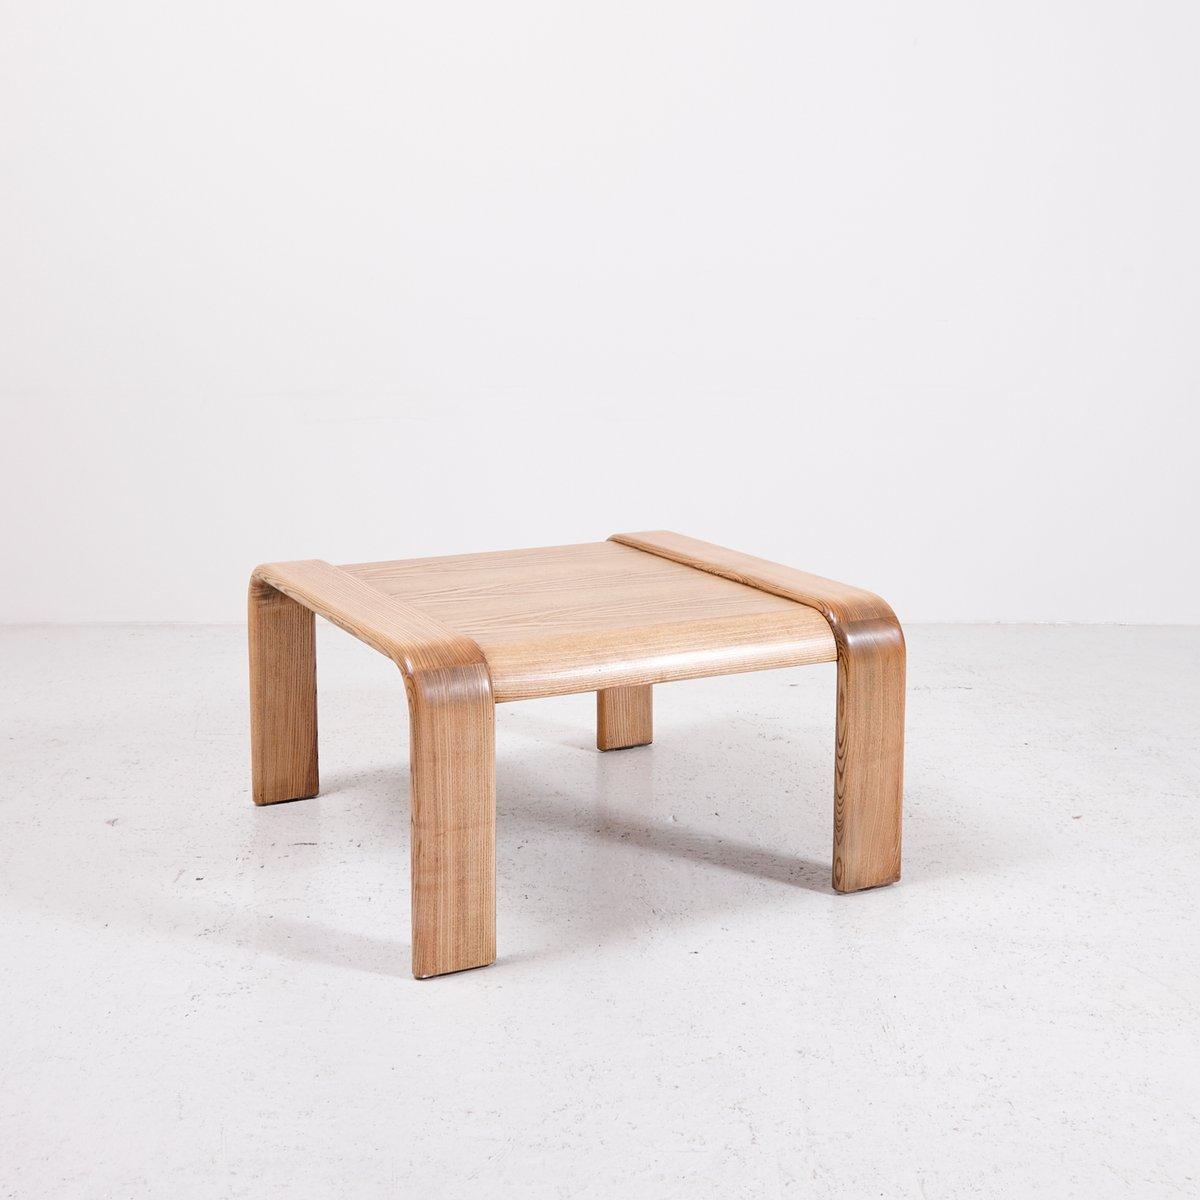 vintage sessel mit couchtisch von rolf benz bei pamono kaufen. Black Bedroom Furniture Sets. Home Design Ideas